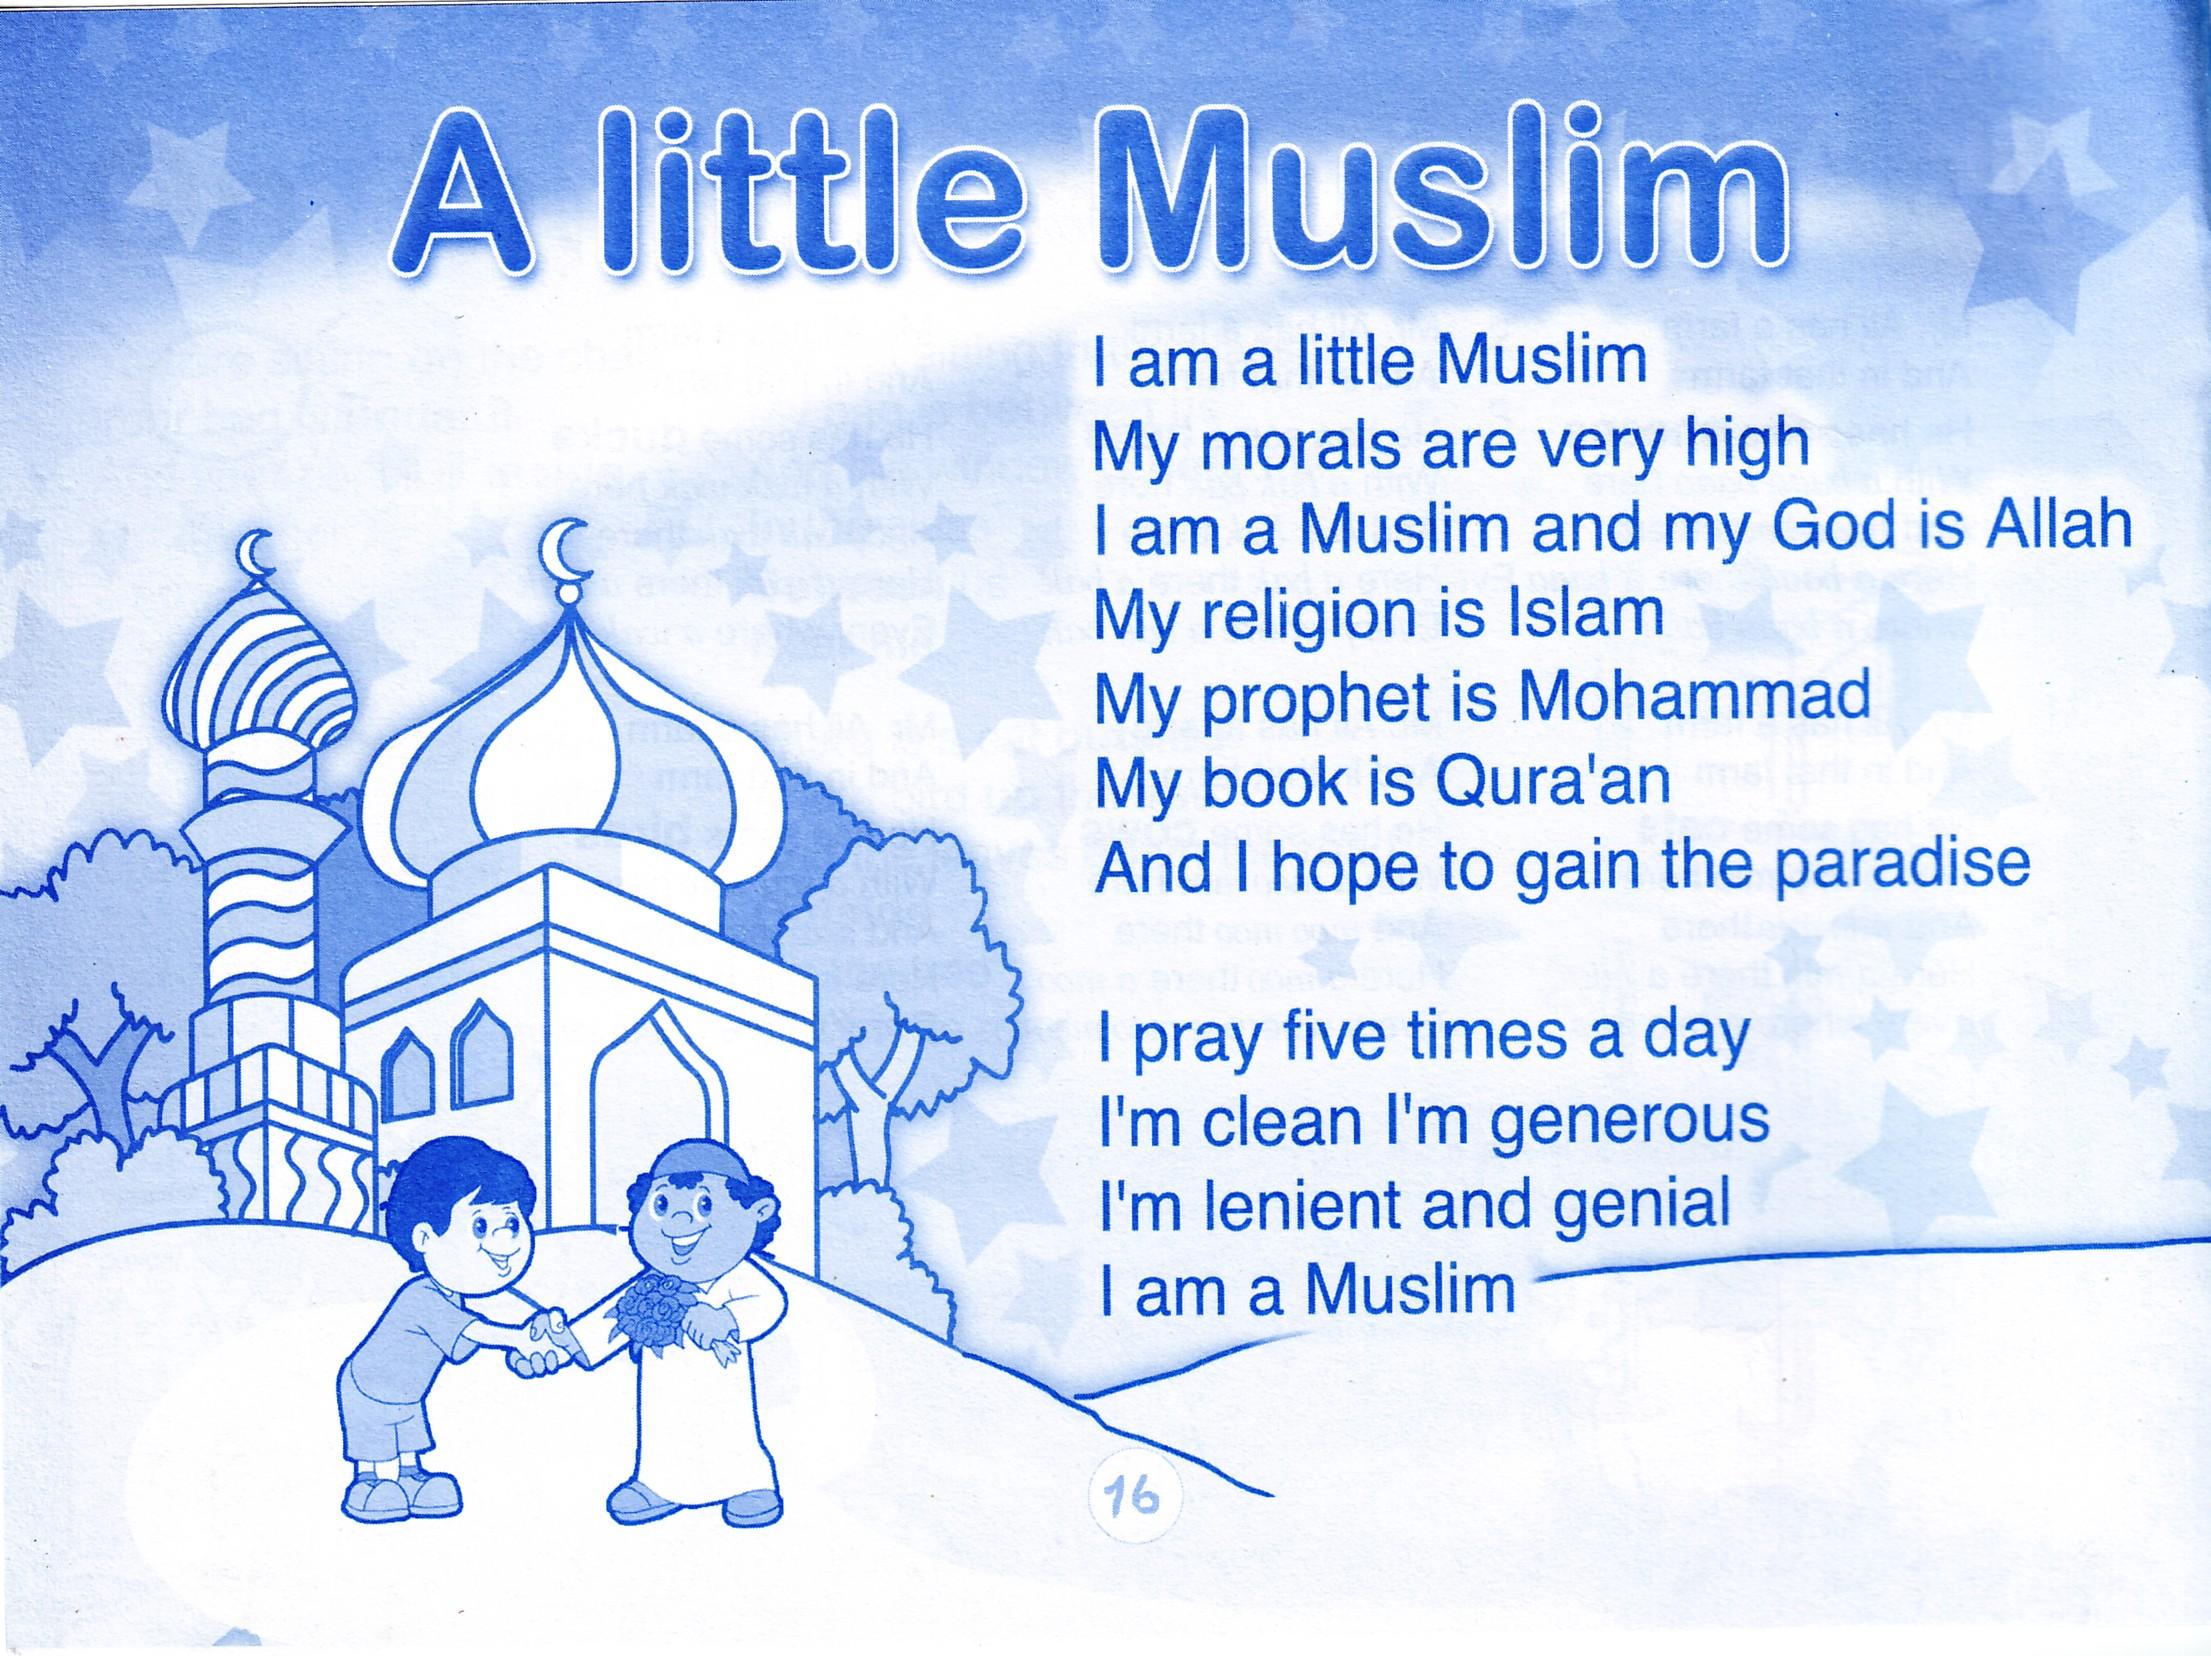 أناشيد باللغة الأنجليزية تعليمية - English songs for kids .. للأطفال 1234_01200092302